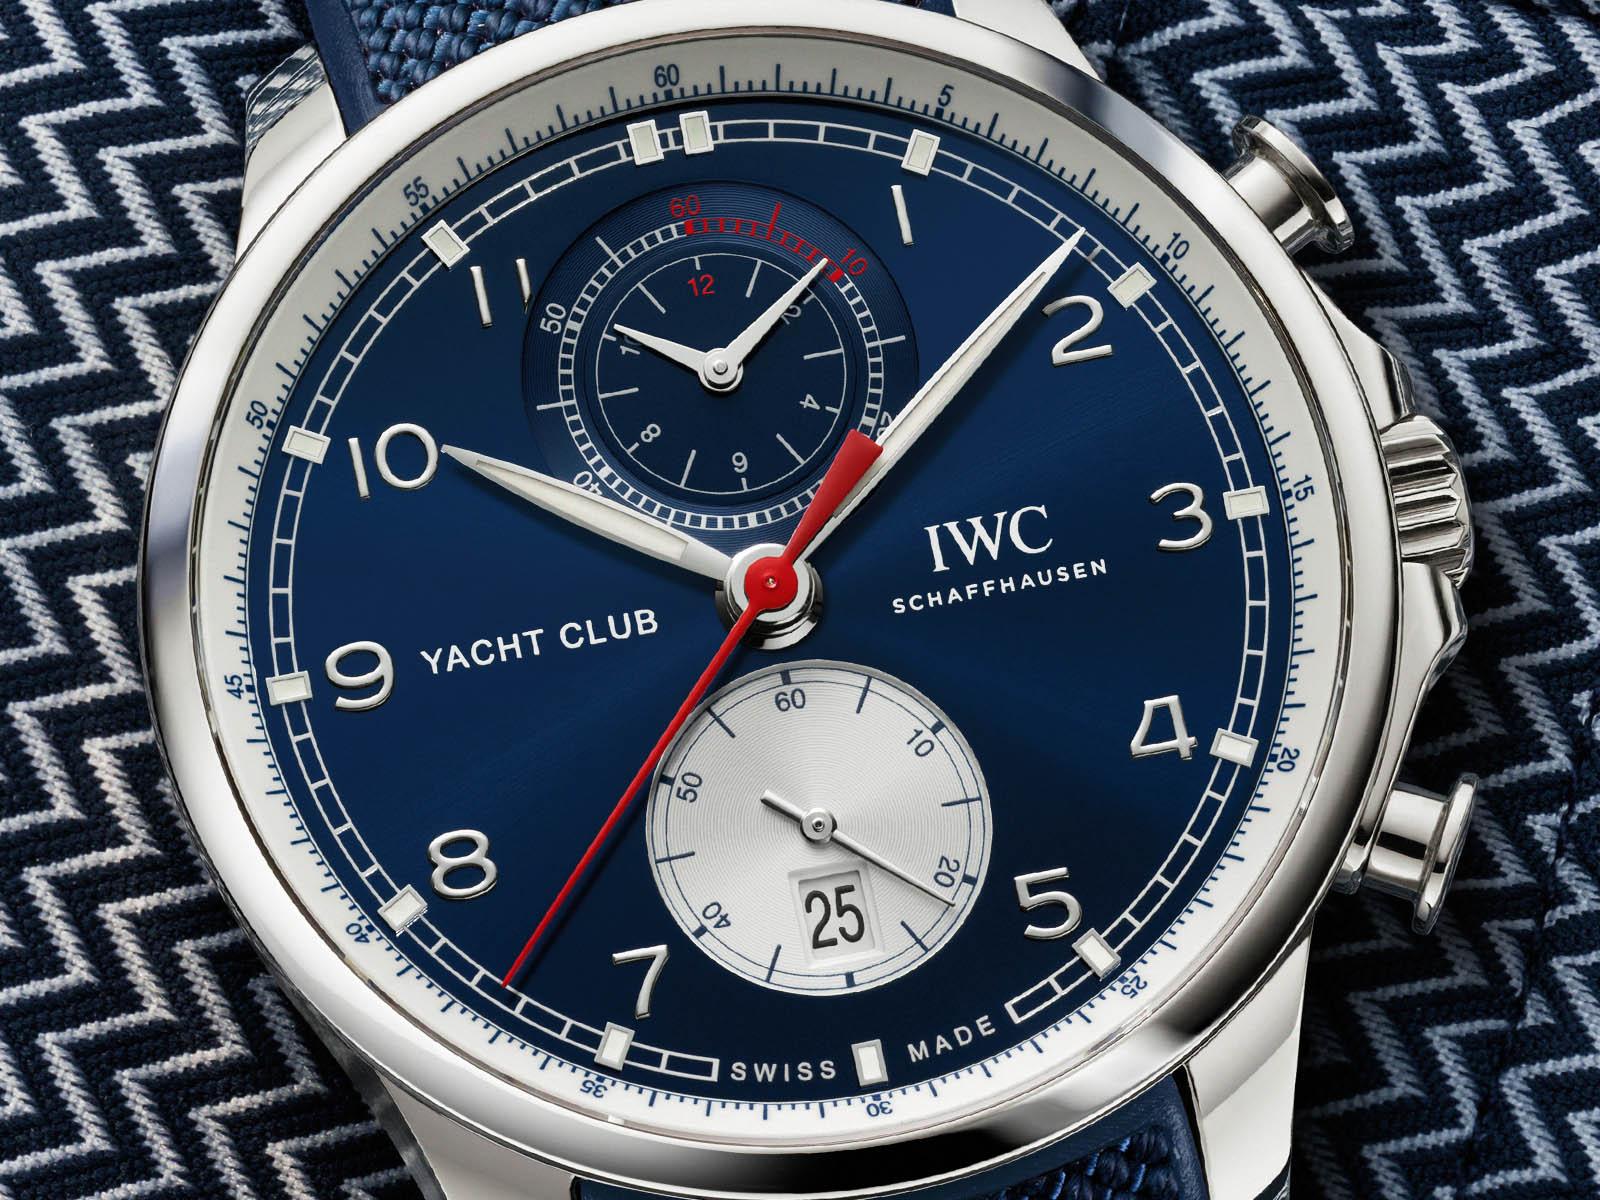 iw390704-iwc-portugieser-yacht-club-chronograph-edition-orlebar-brown-4.jpg